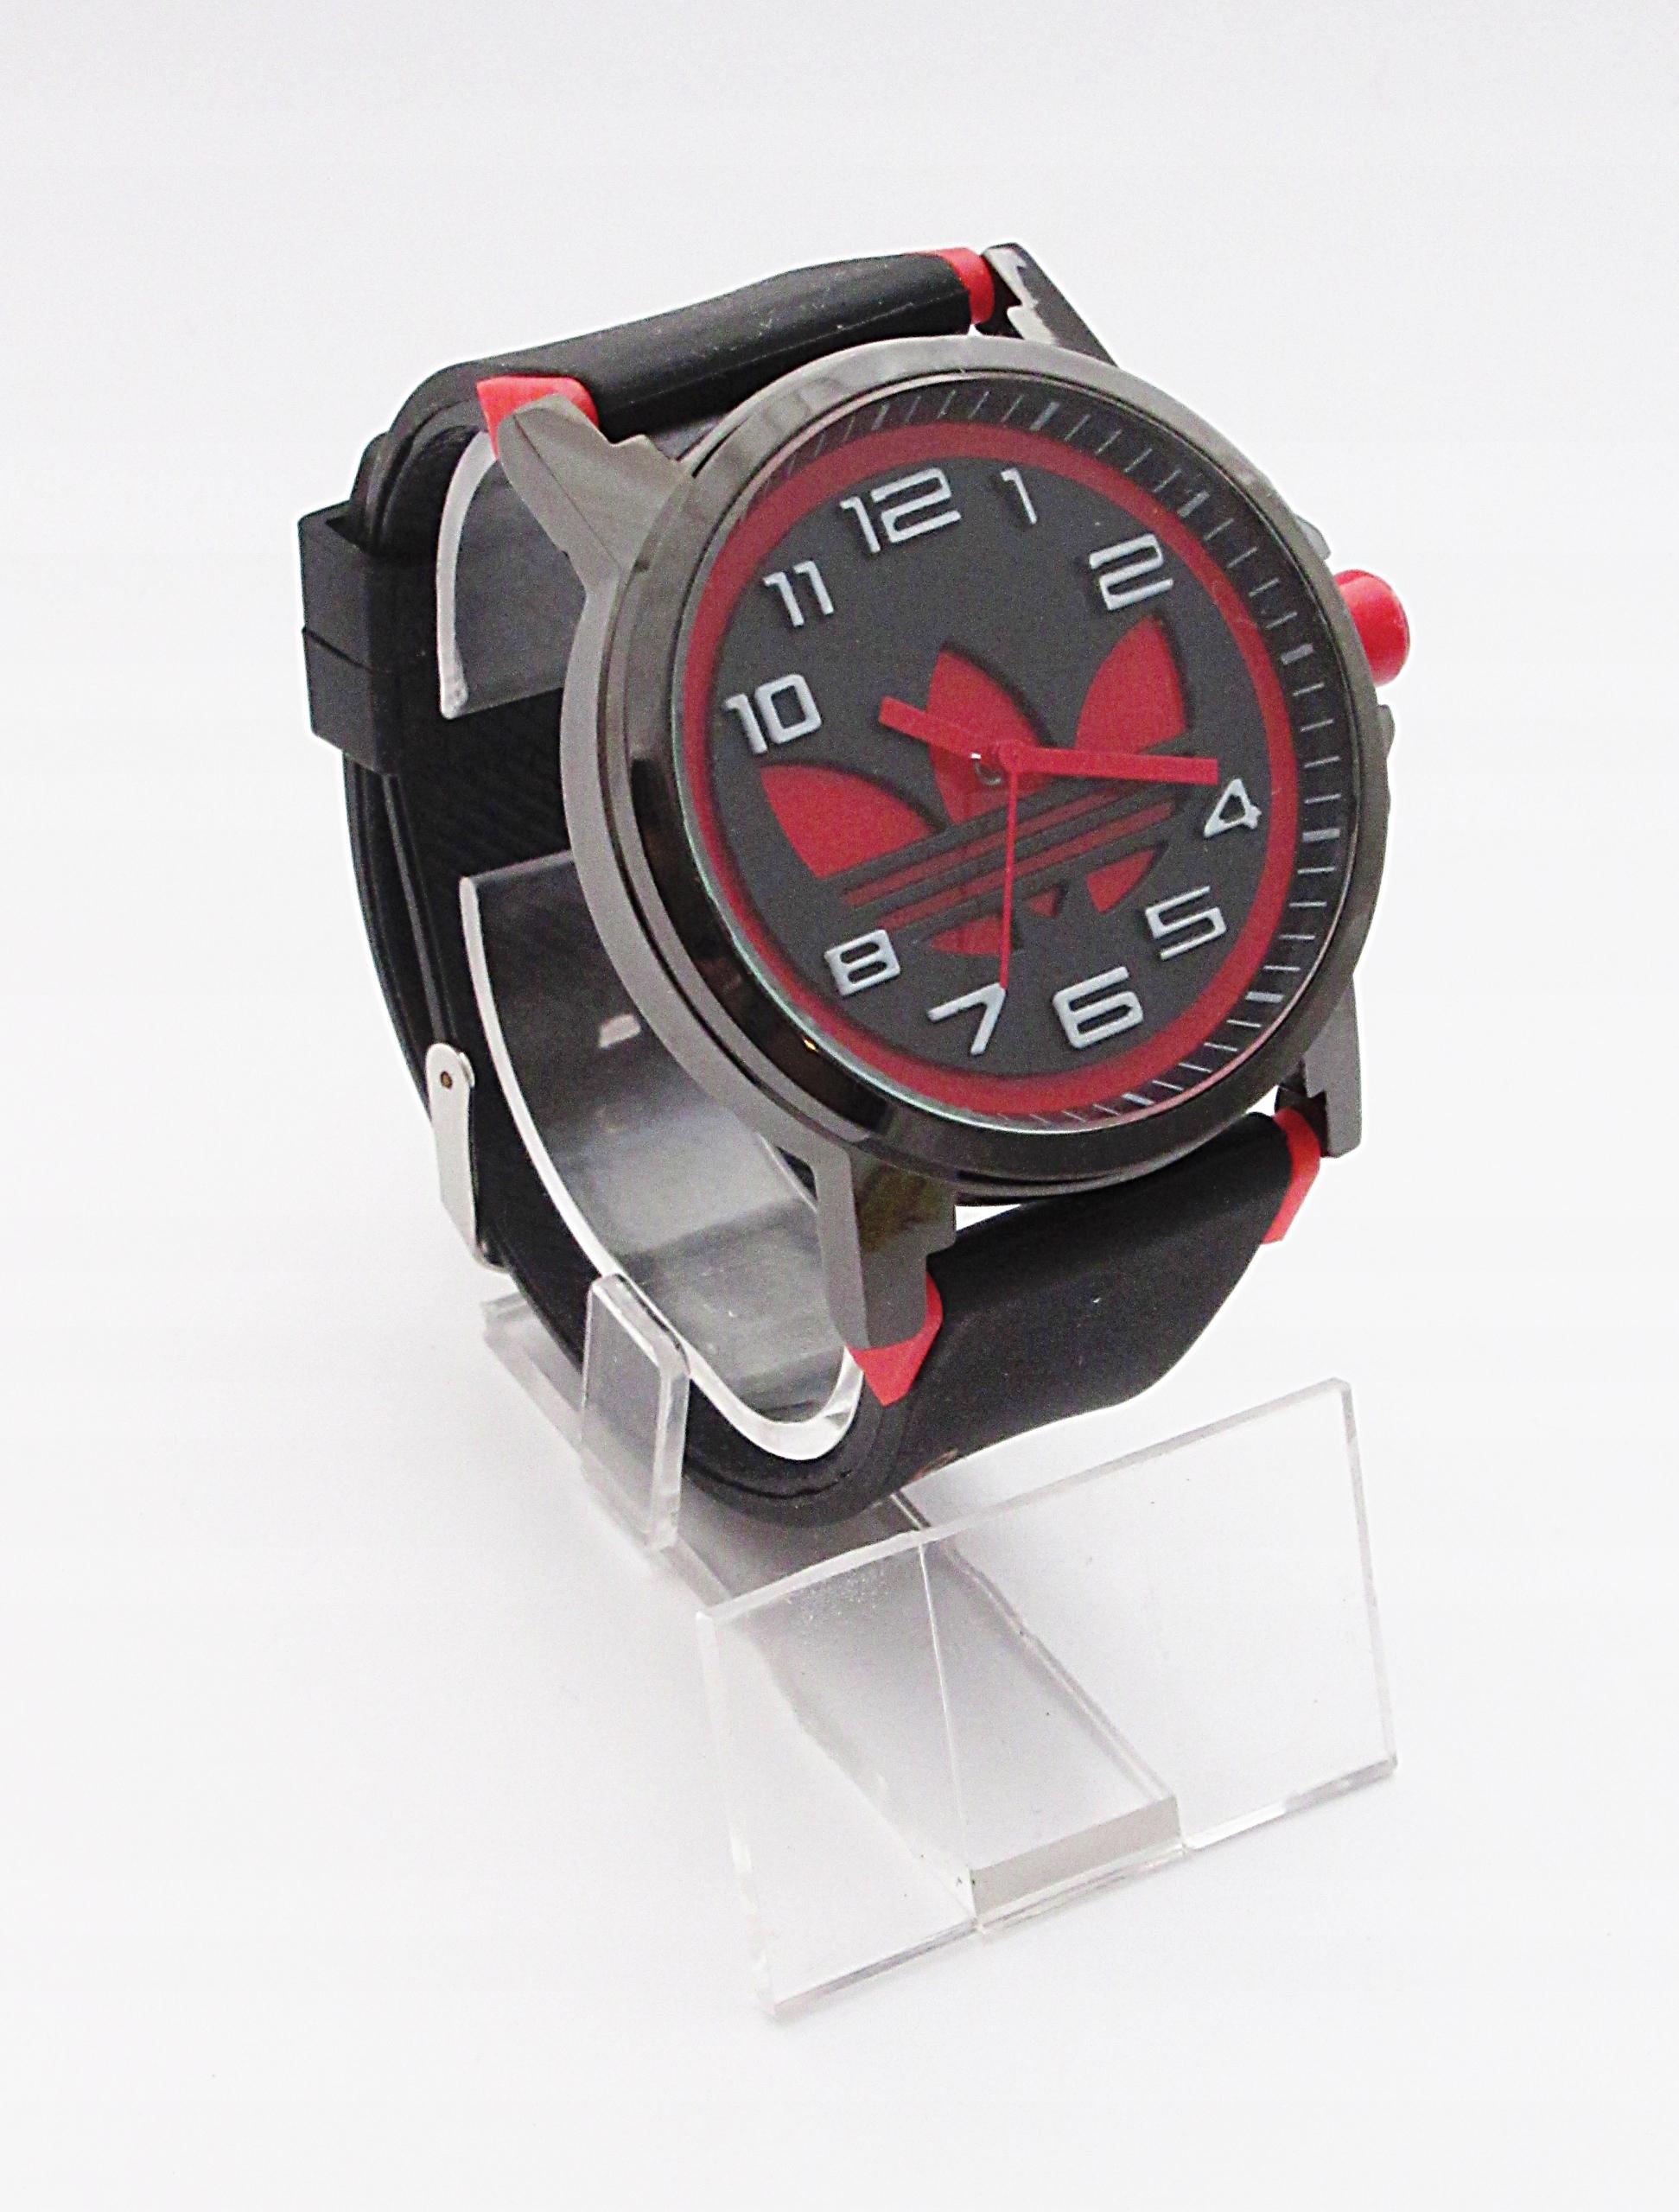 d1cac4b53d6b0 Zegarek Adidas silikonowy pasek czarny czerwony %% - 7672473010 ...